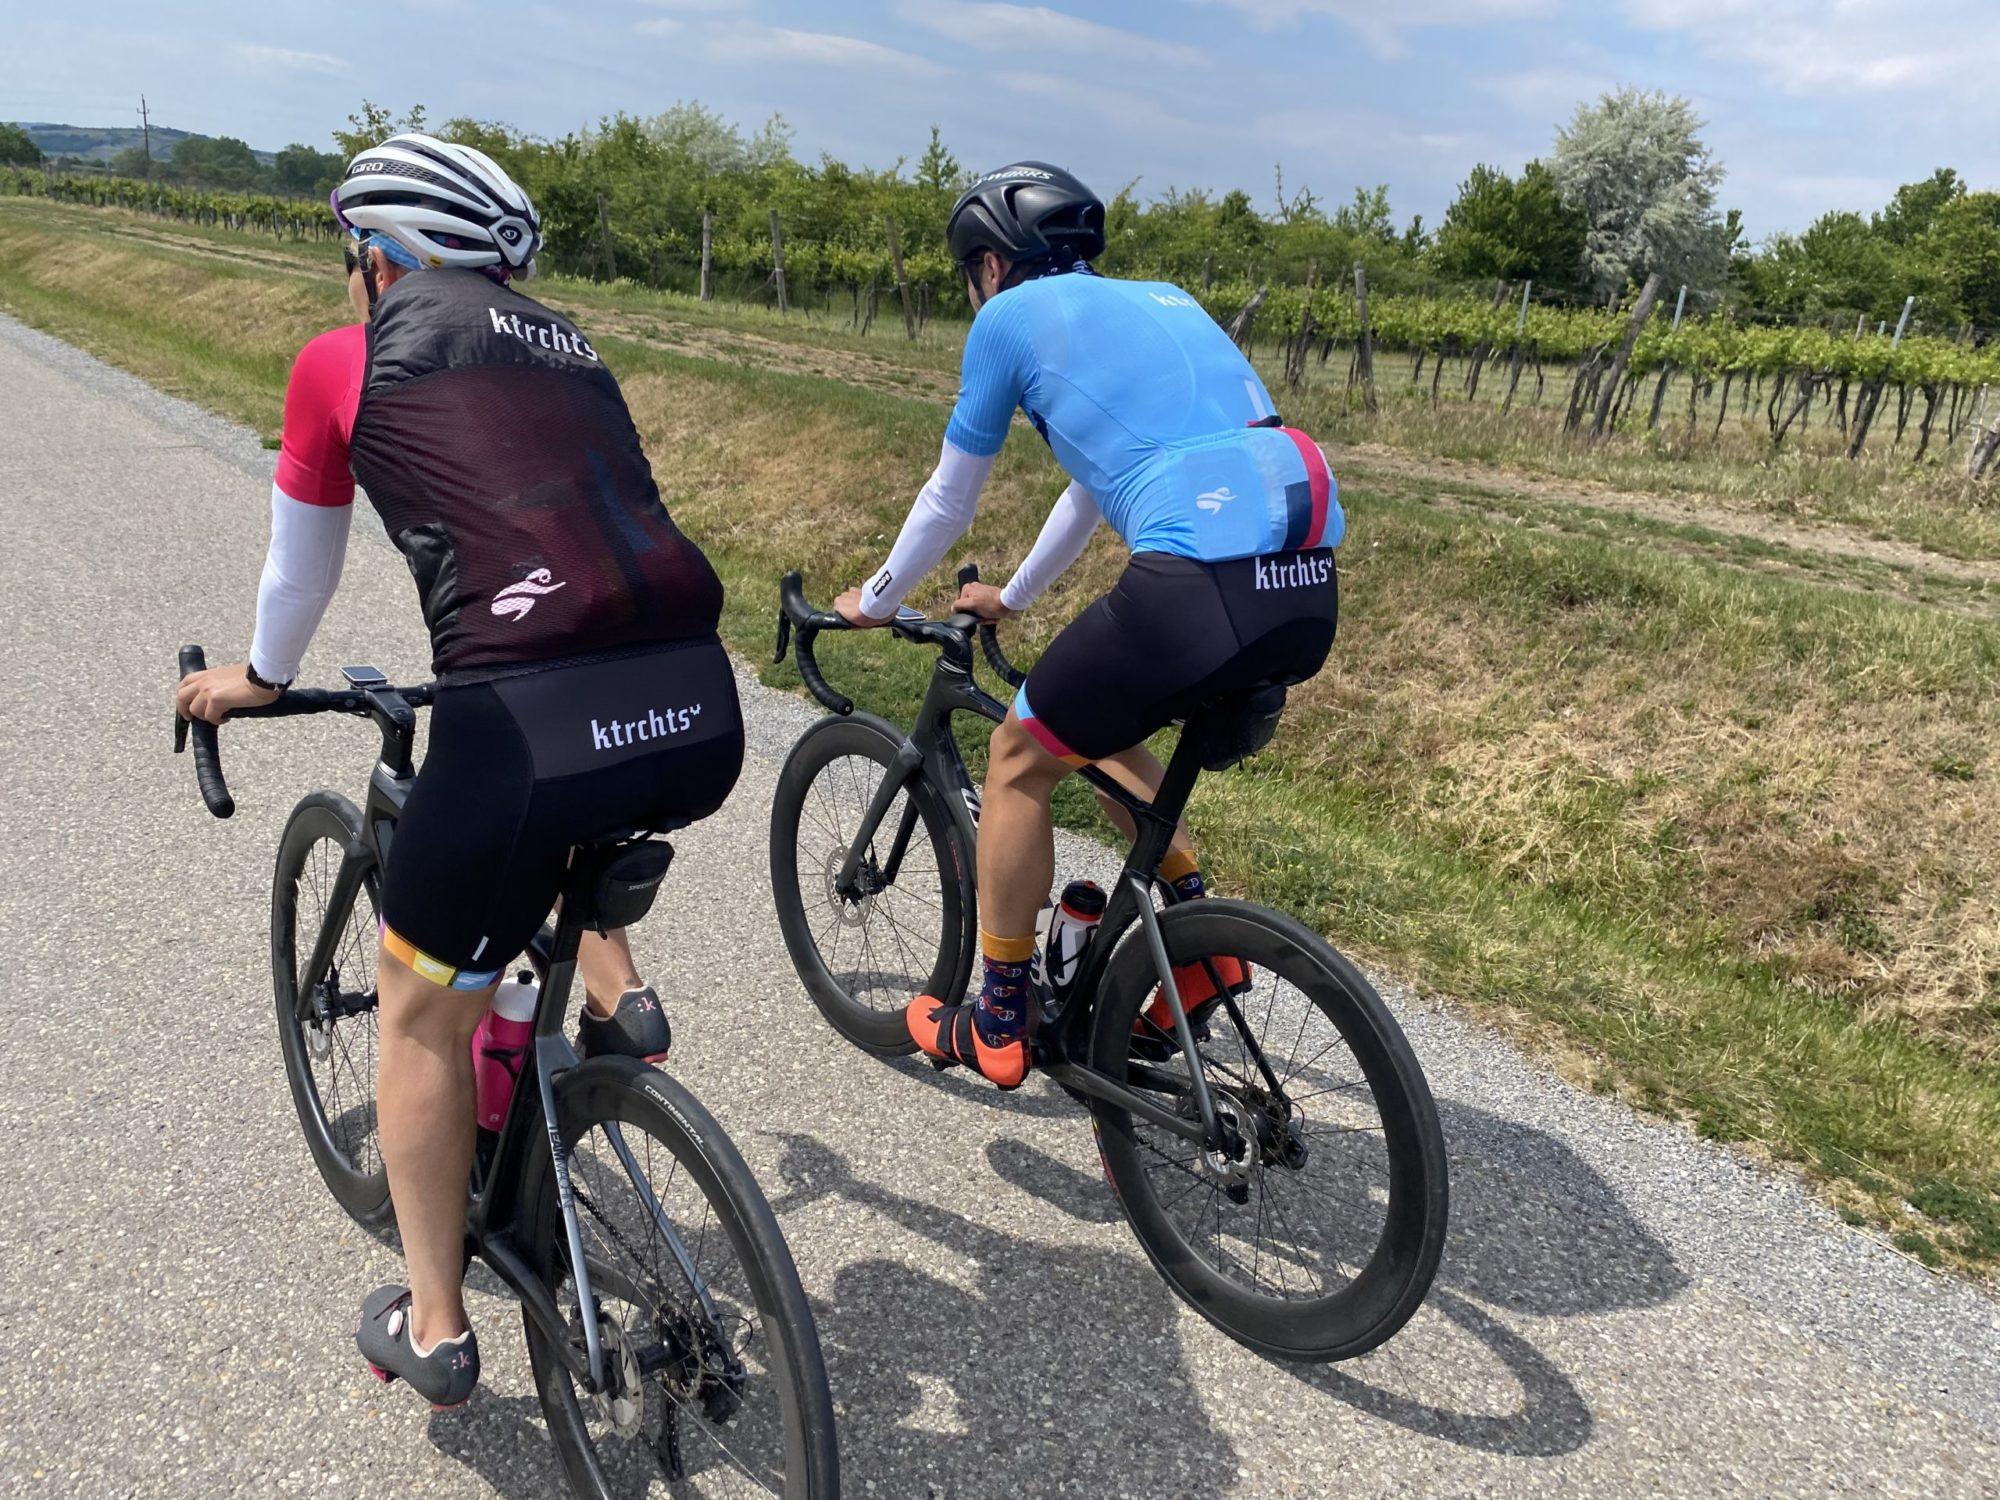 Sicheres Rennradfahren in der Gruppe